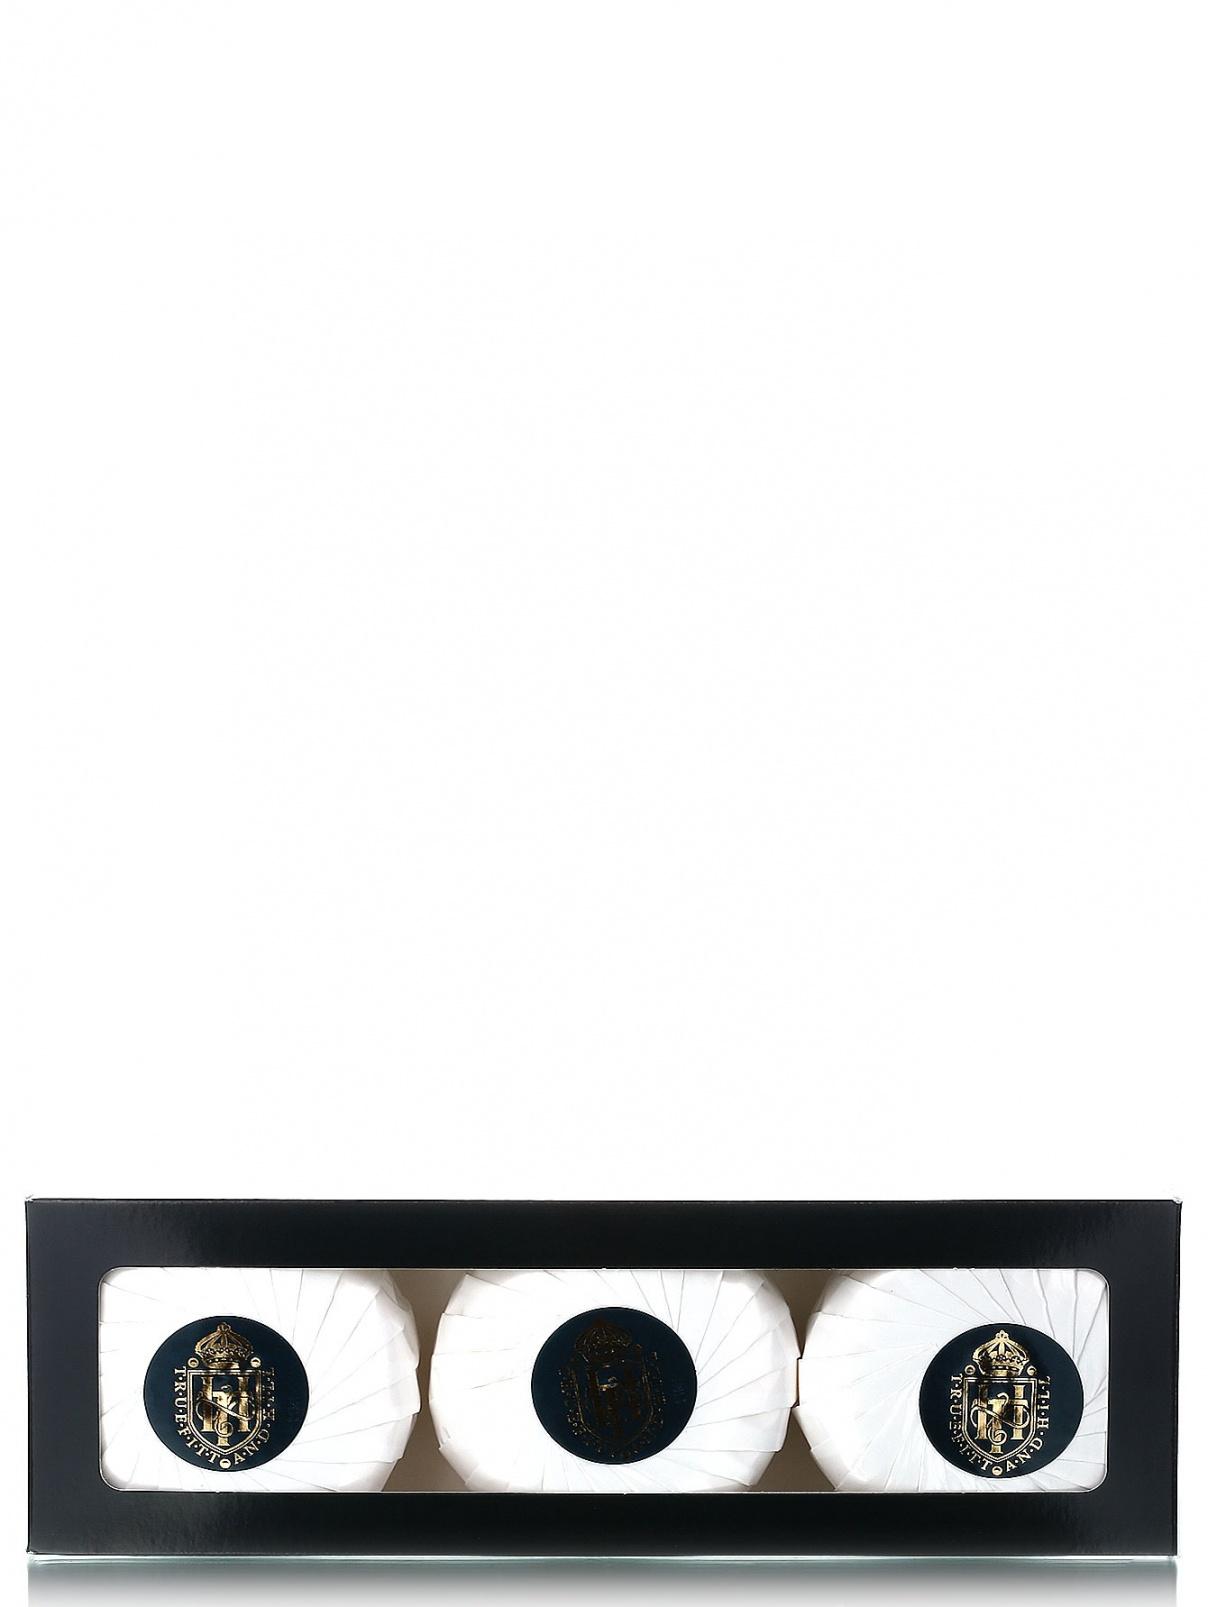 Ароматизорованное мыло для бритья - Face care, 3x150g. Truefitt & Hill  –  Модель Общий вид